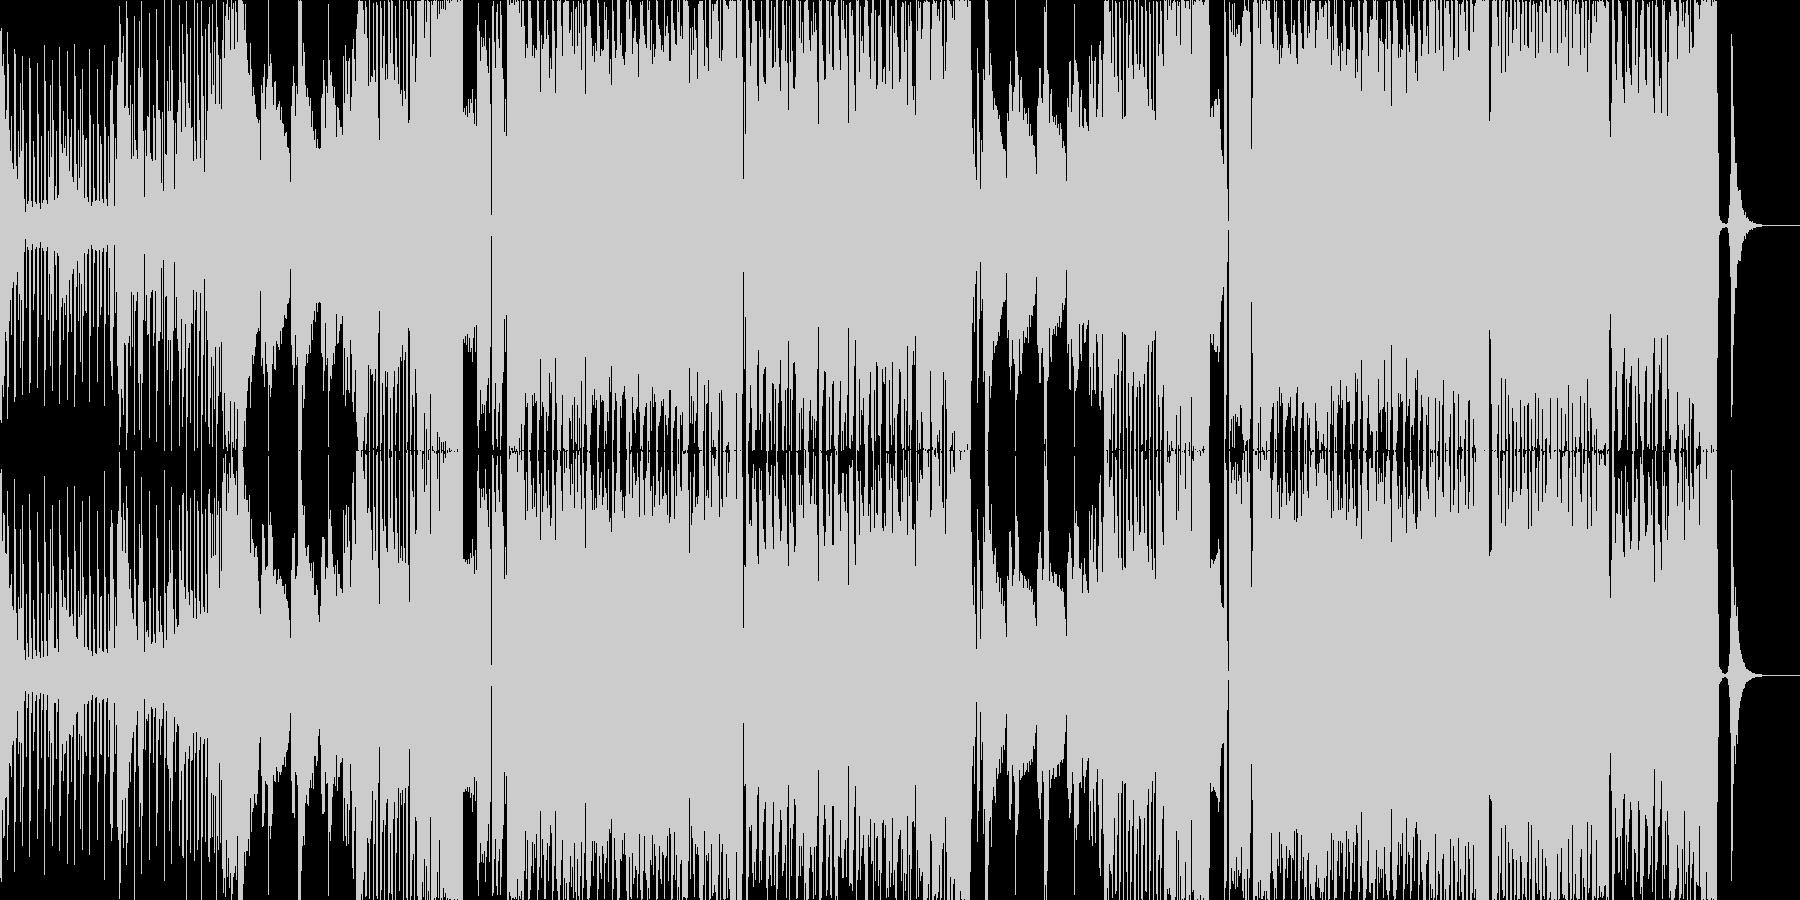 暗い雰囲気のベースミュージックの未再生の波形